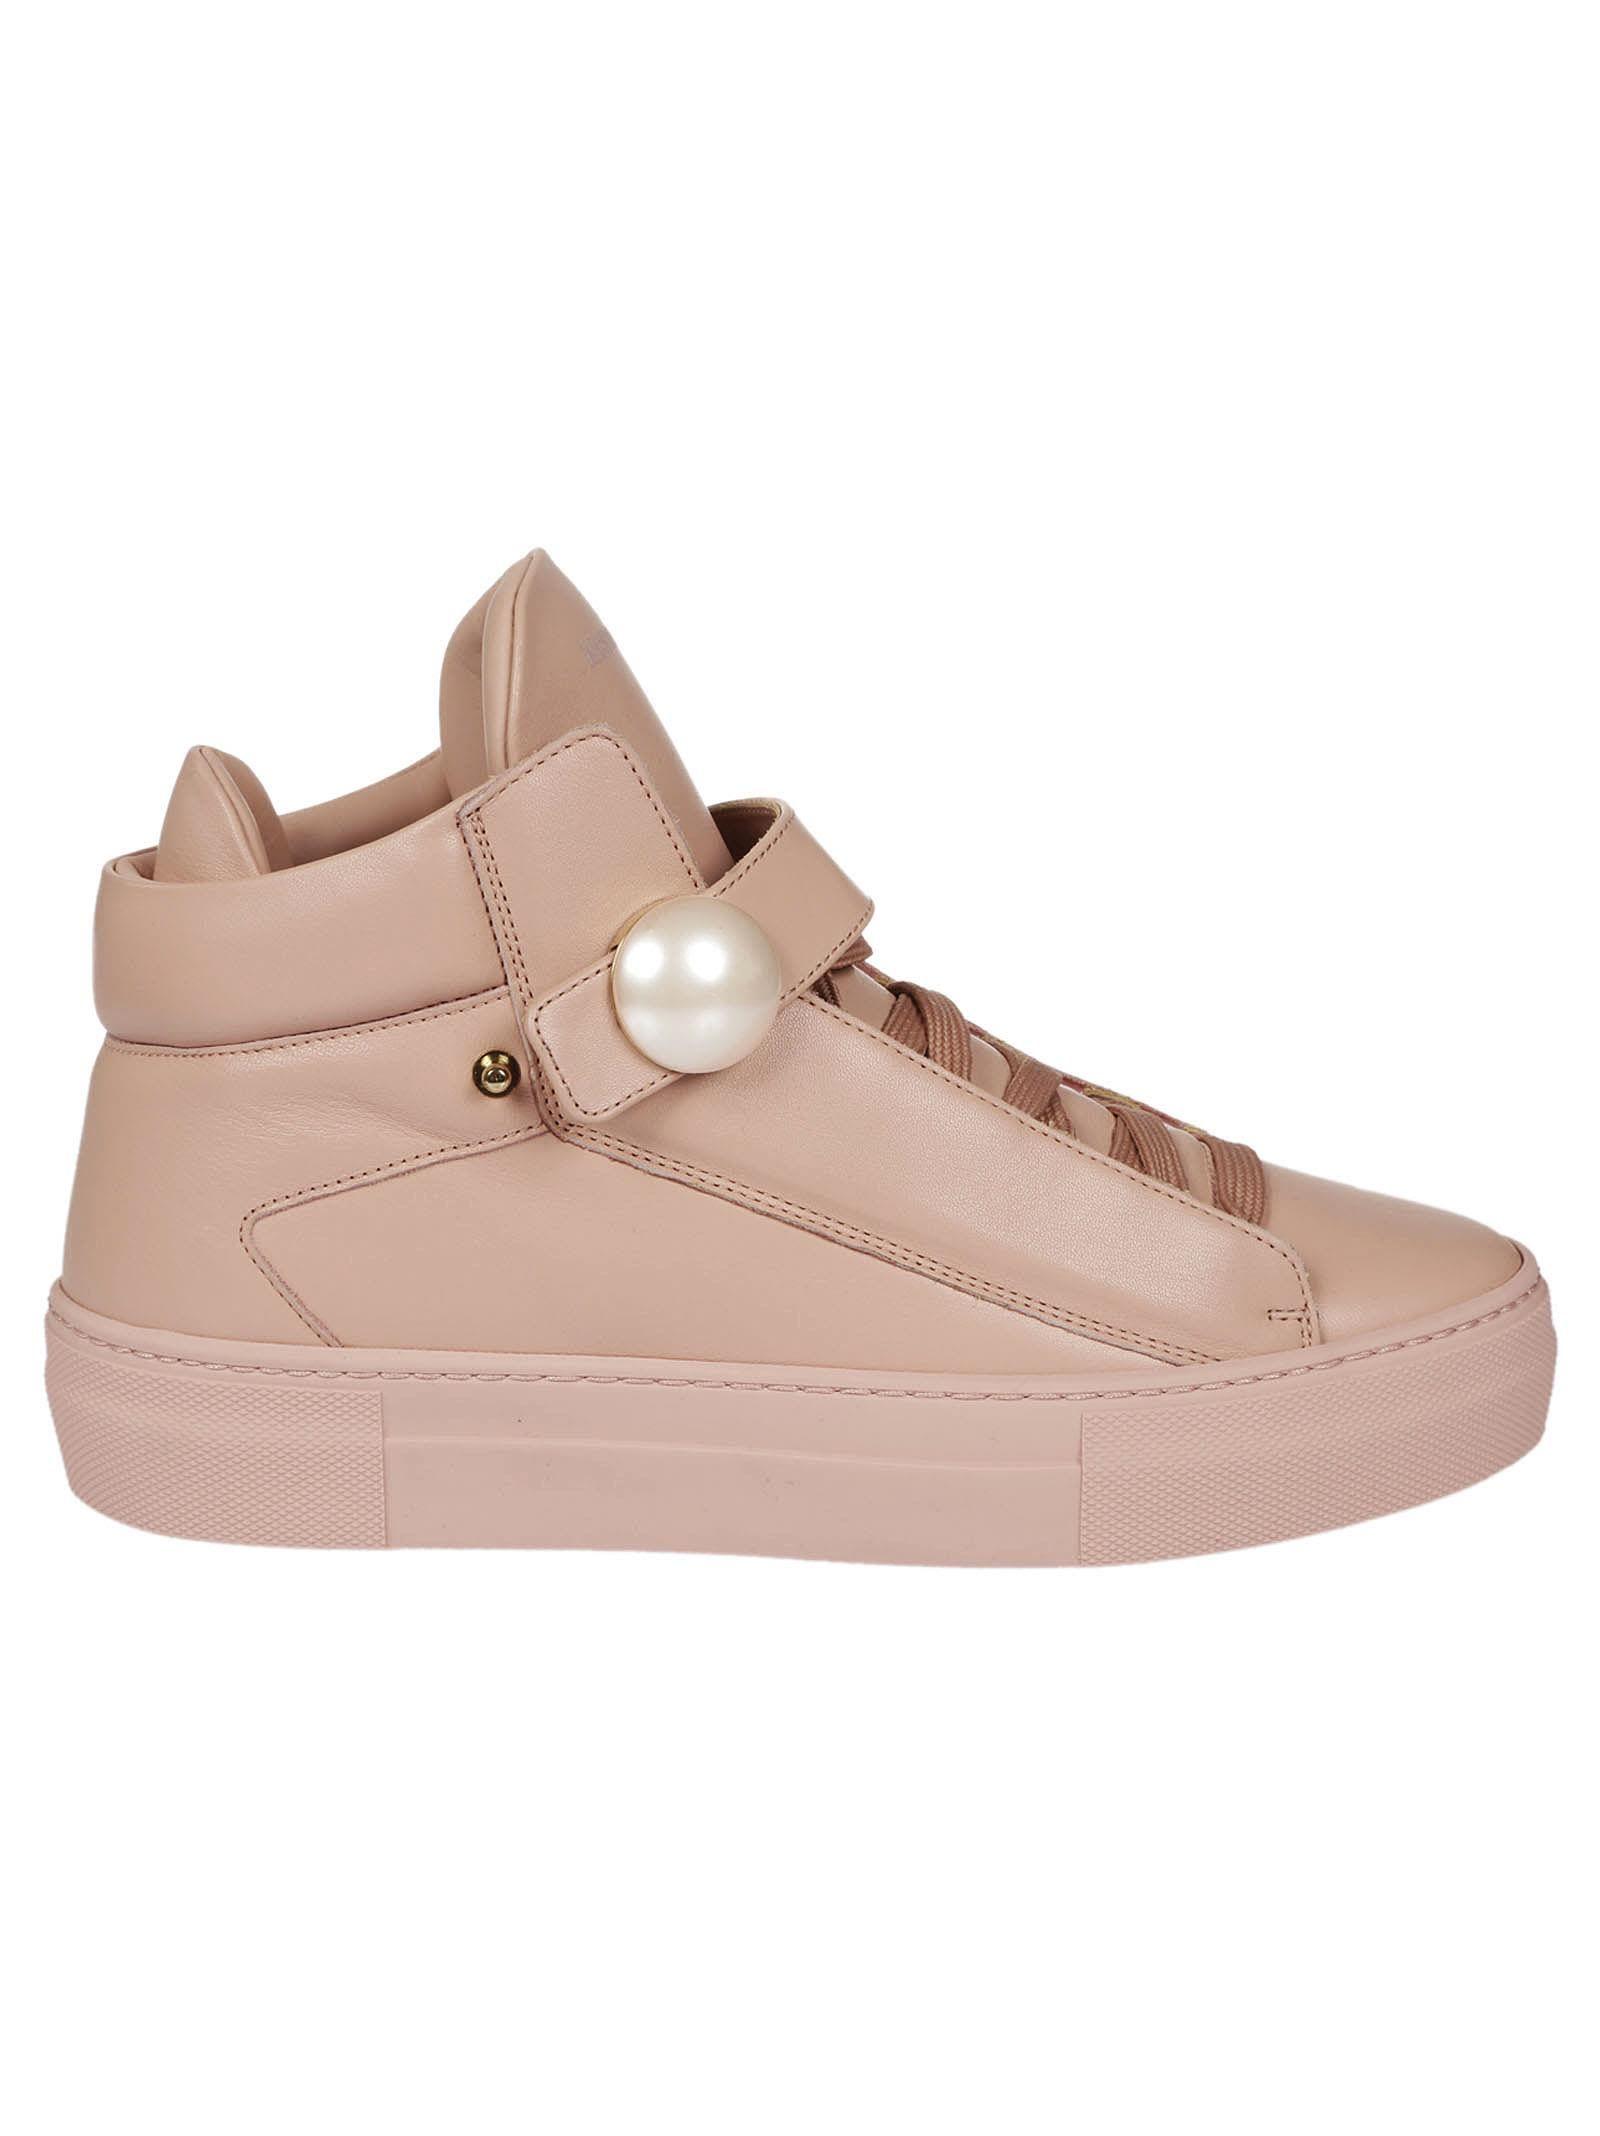 huge discount f1178 03244 NICHOLAS KIRKWOOD PEARL STRAP HI-TOP SNEAKERS.  nicholaskirkwood  shoes